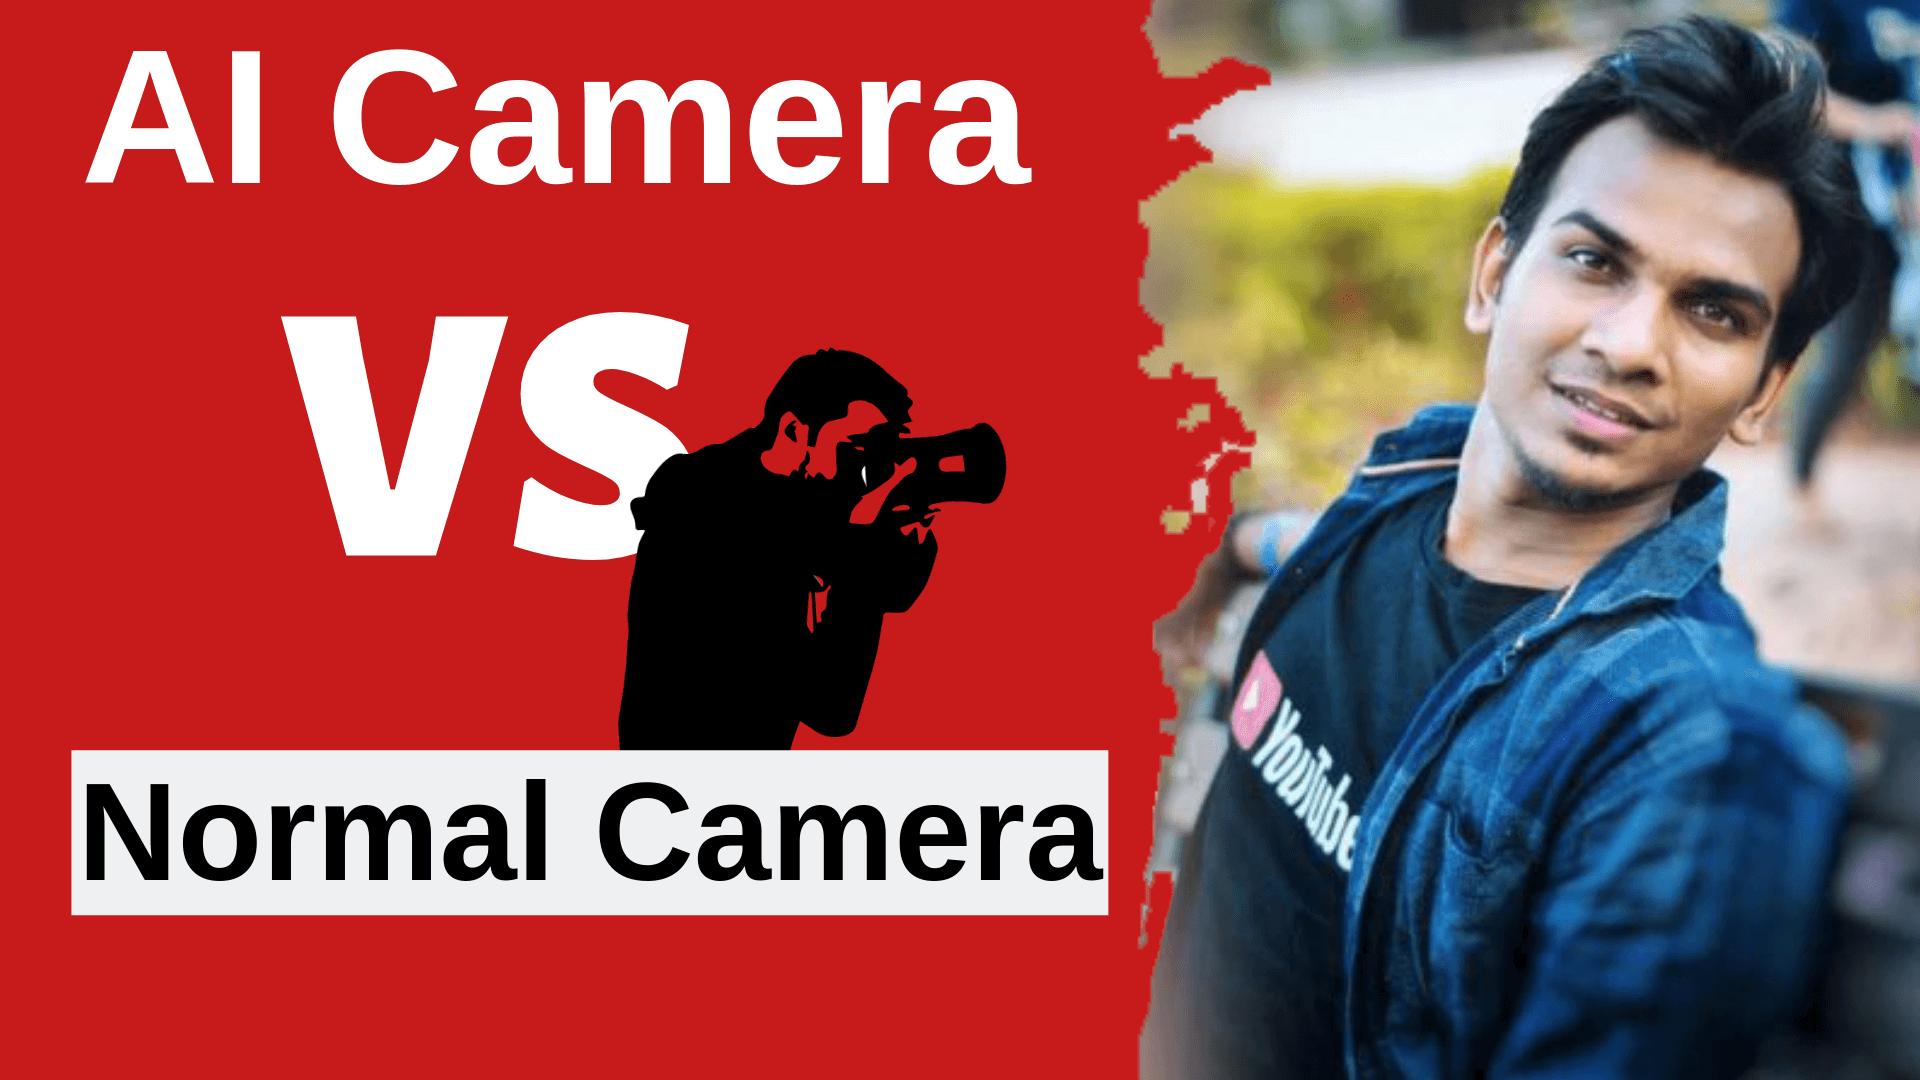 AI vs normal camera